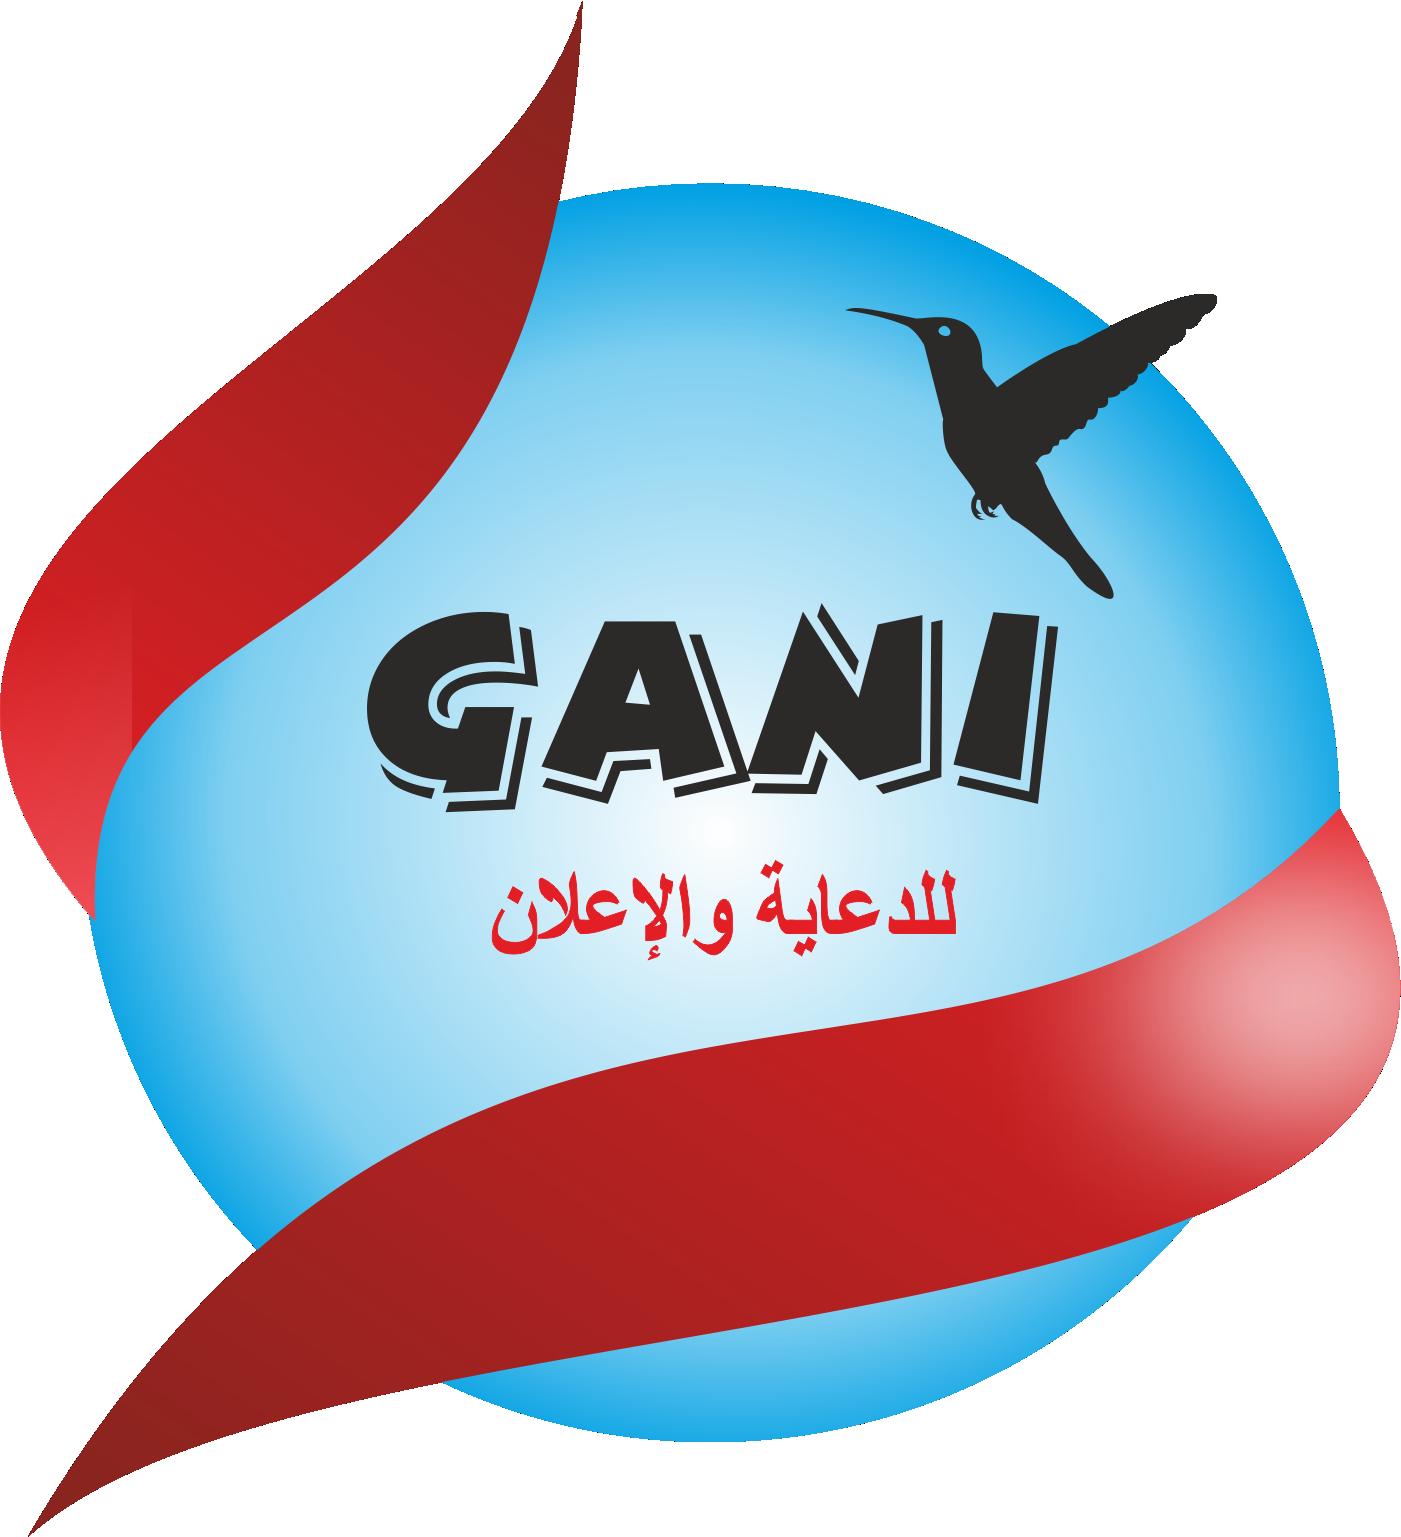 Gani Reklam للدعاية و الإعلان